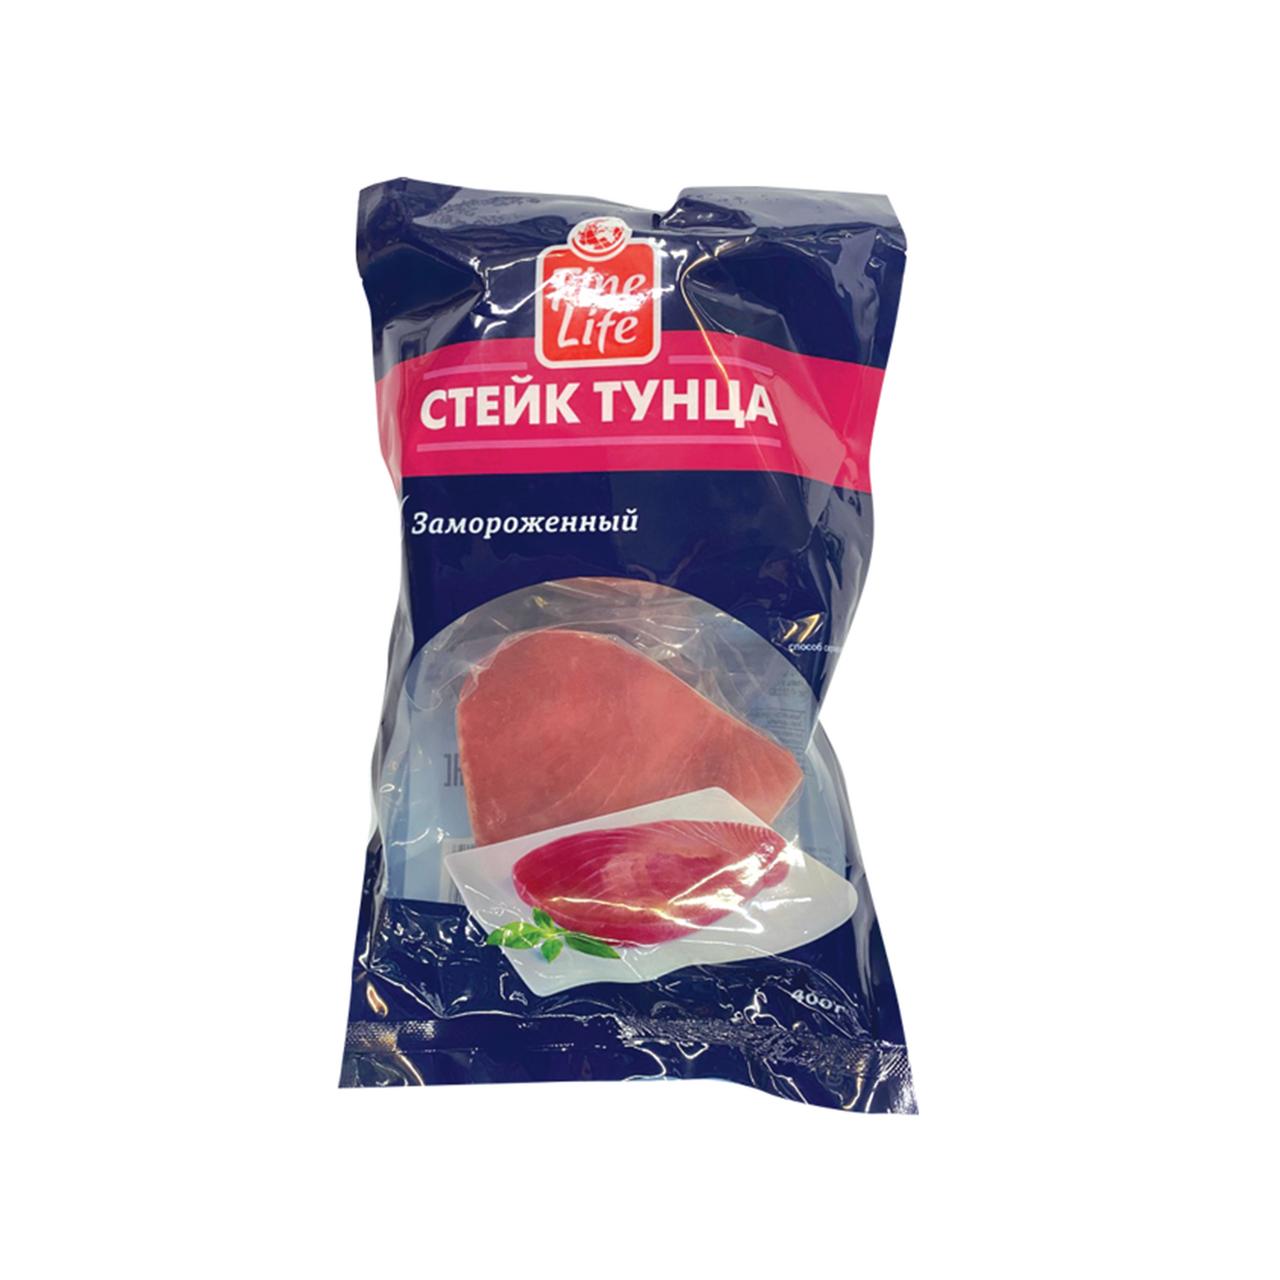 400Г FL ТУНЕЦ СТЕЙКМ С/М